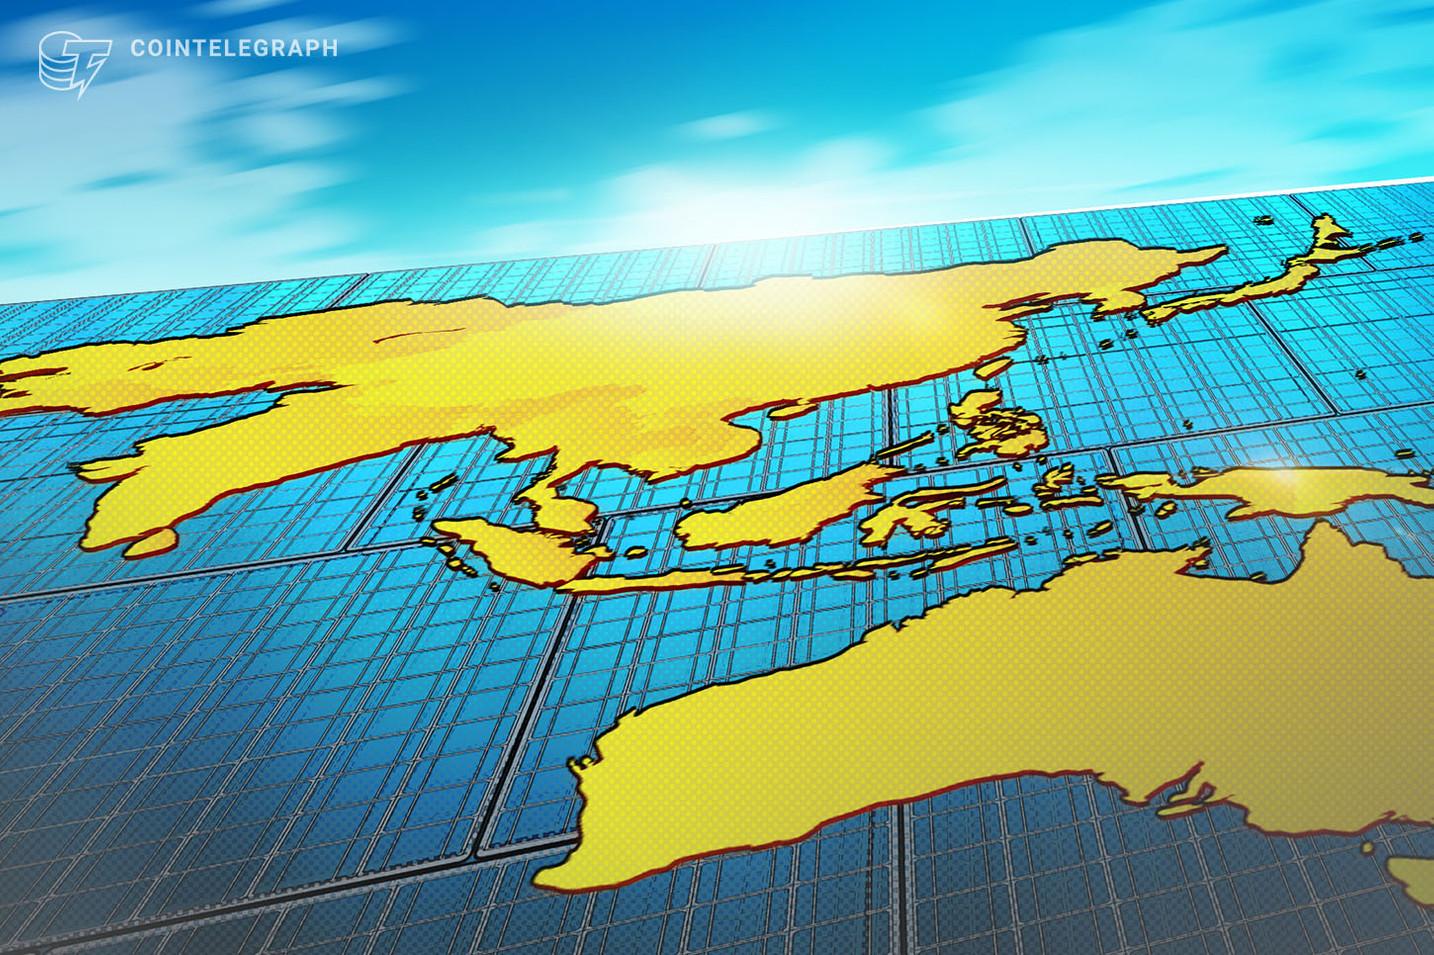 La región Asia-Pacífico y su agenda de digitalización solarizada en tiempos de pandemia